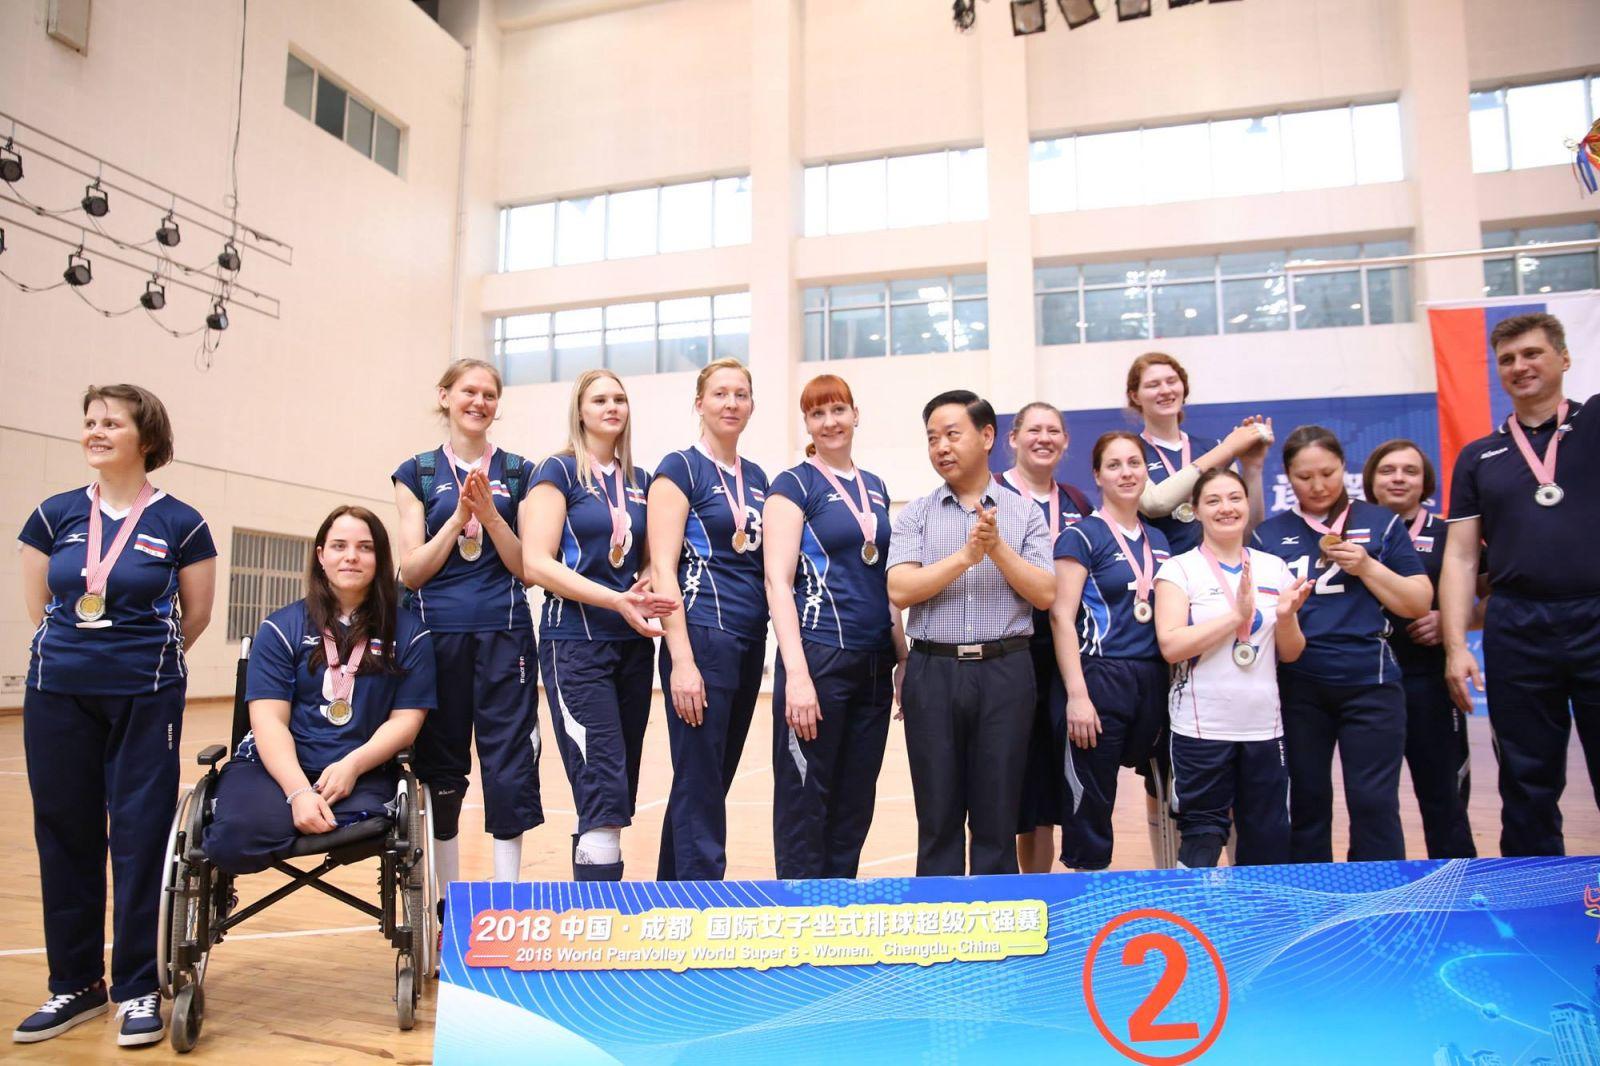 Женская сборная команда России по волейболу сидя стала серебряным призером международного турнира World Super 6 в Китае